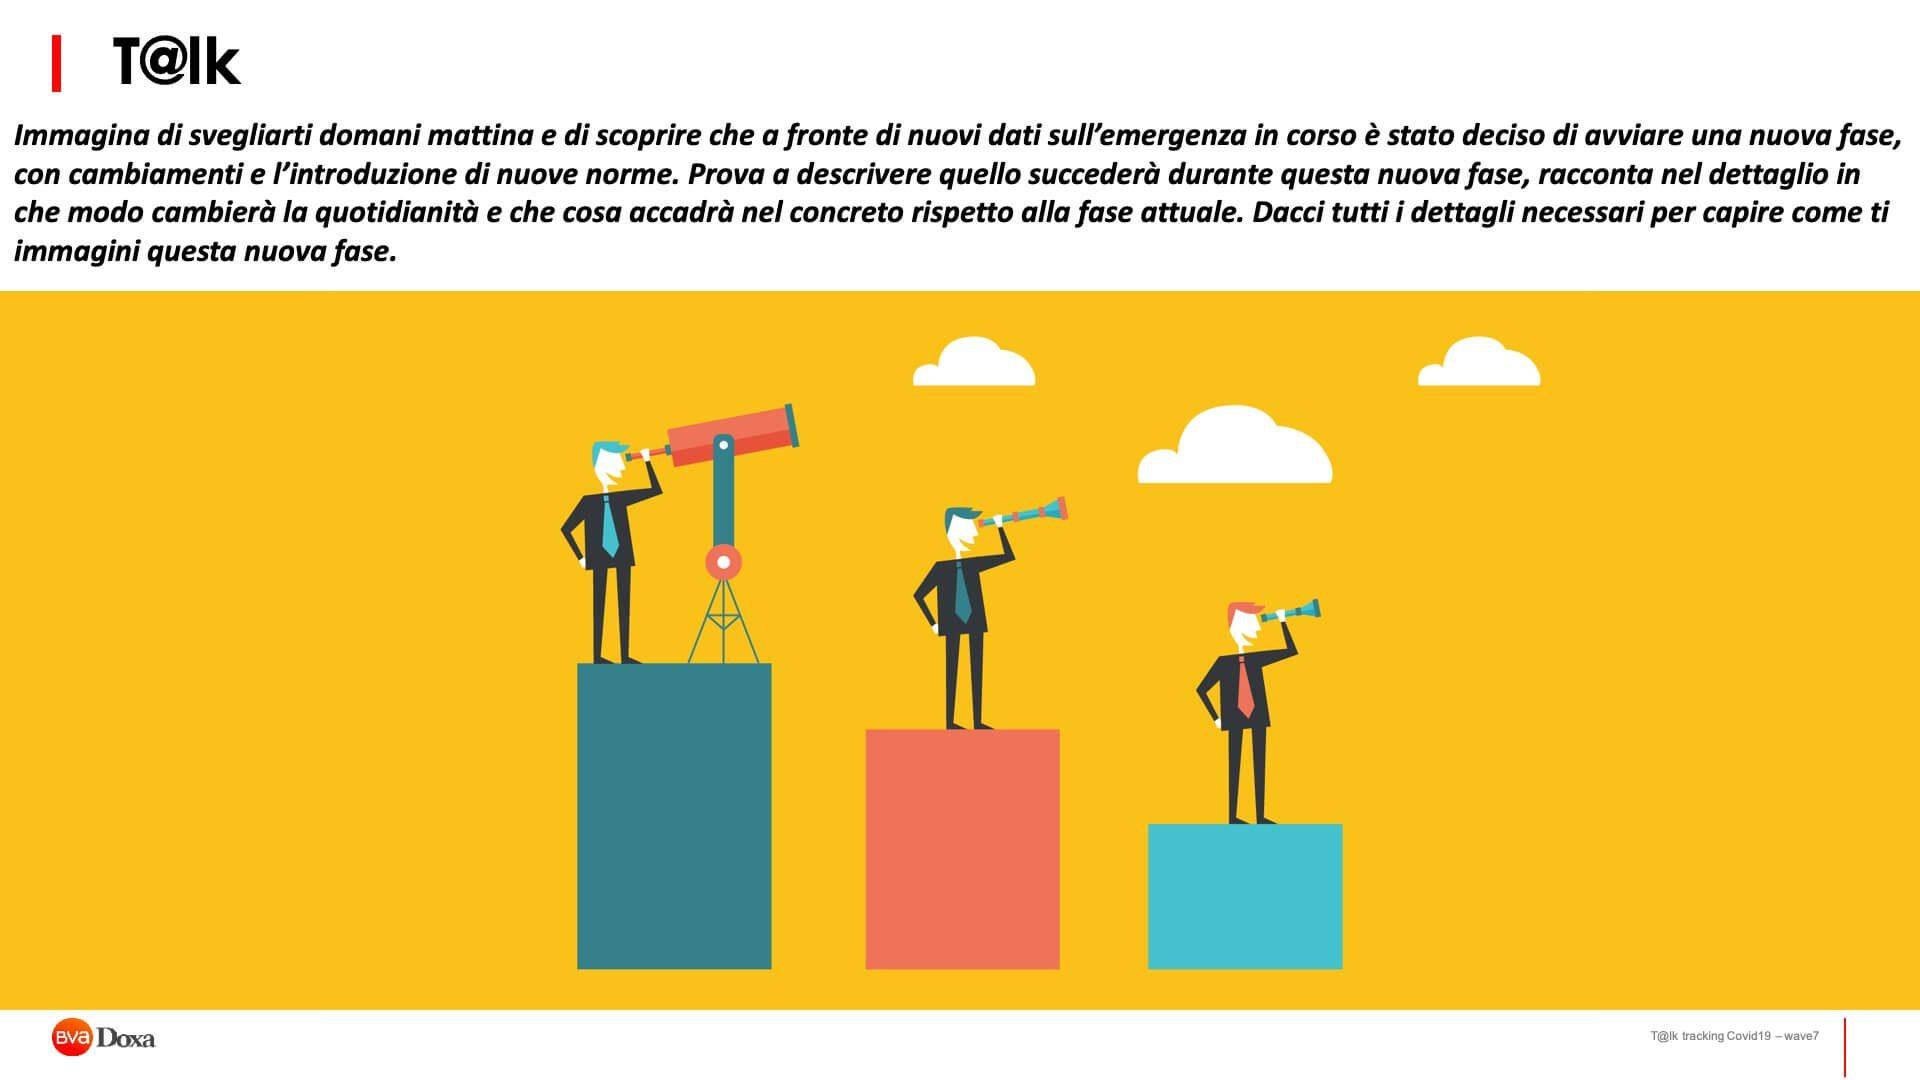 Il Futuro Post Covid 19 Secondo Gli Italiani05